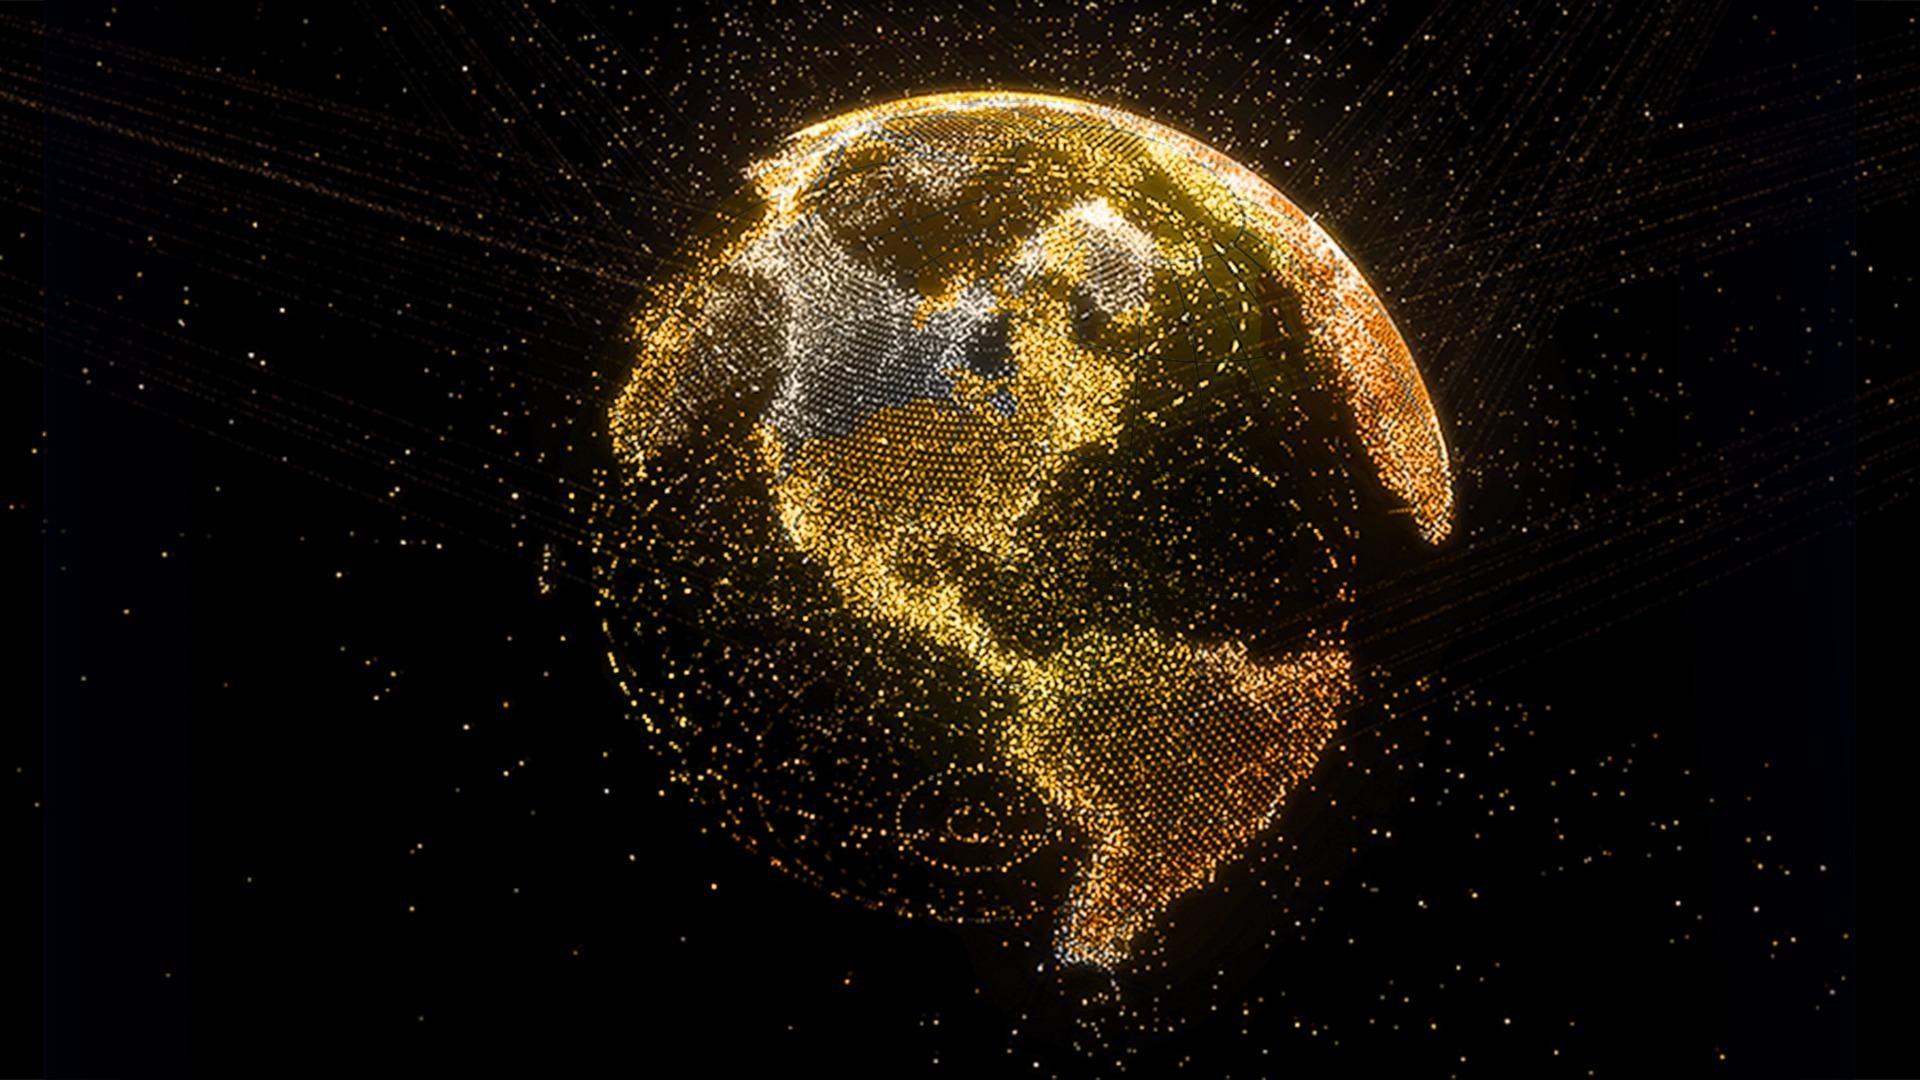 1920x1080 Earth Wallpaper Planet Earth Lights Night 1920x1080 Wallpaper Teahub Io